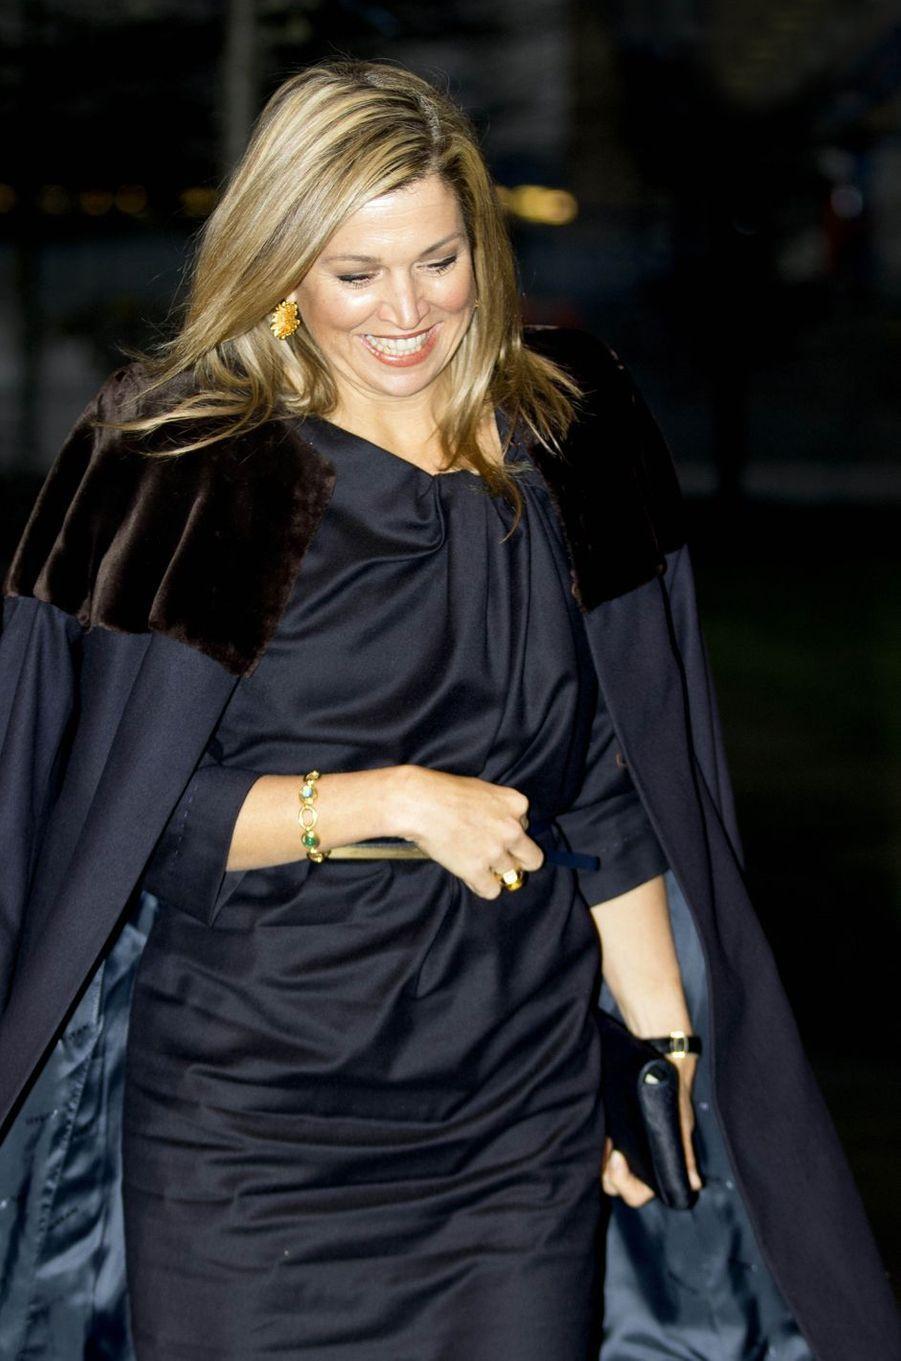 La reine Maxima des Pays-Bas à La Haye, le 23 janvier 2017